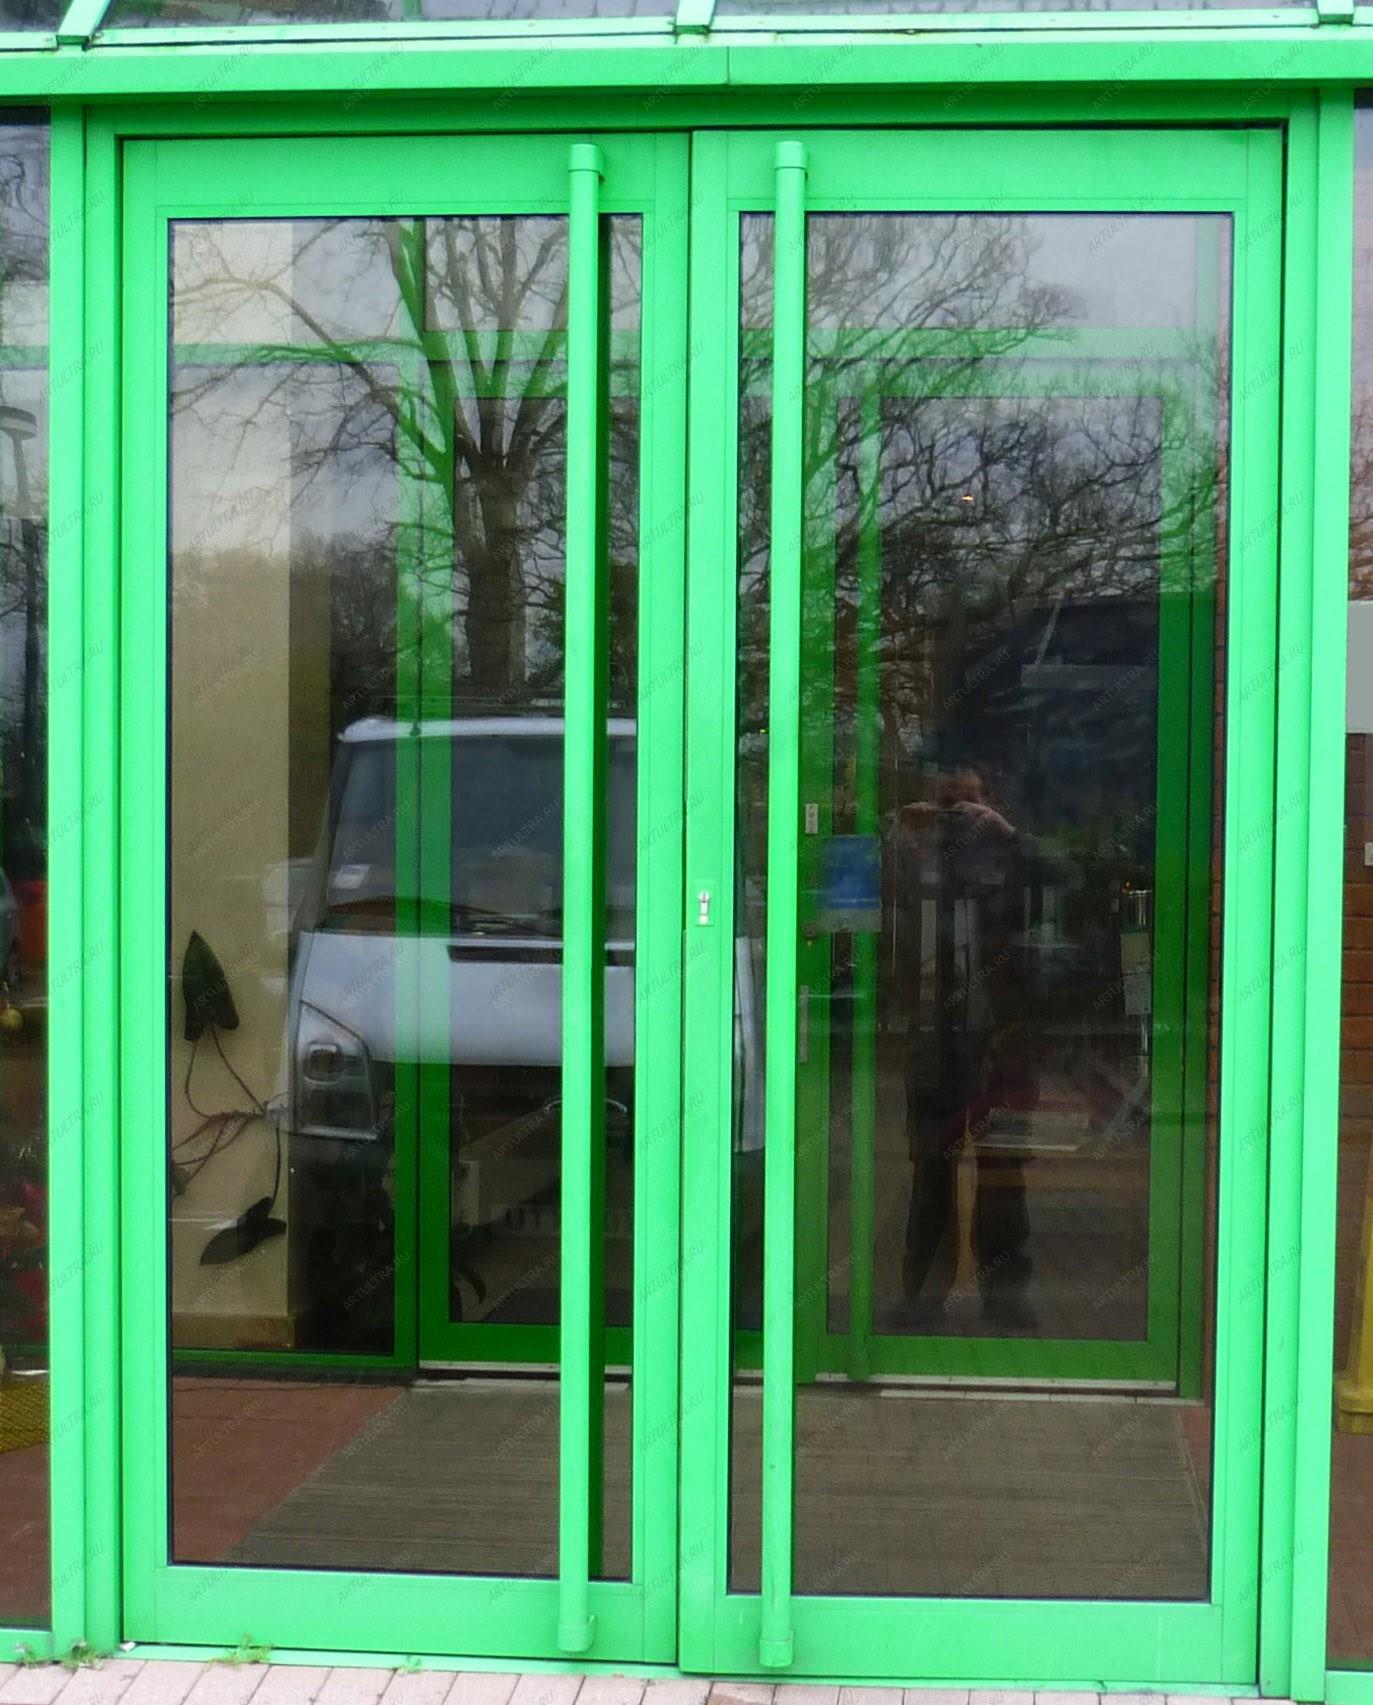 входная дверь в магазине